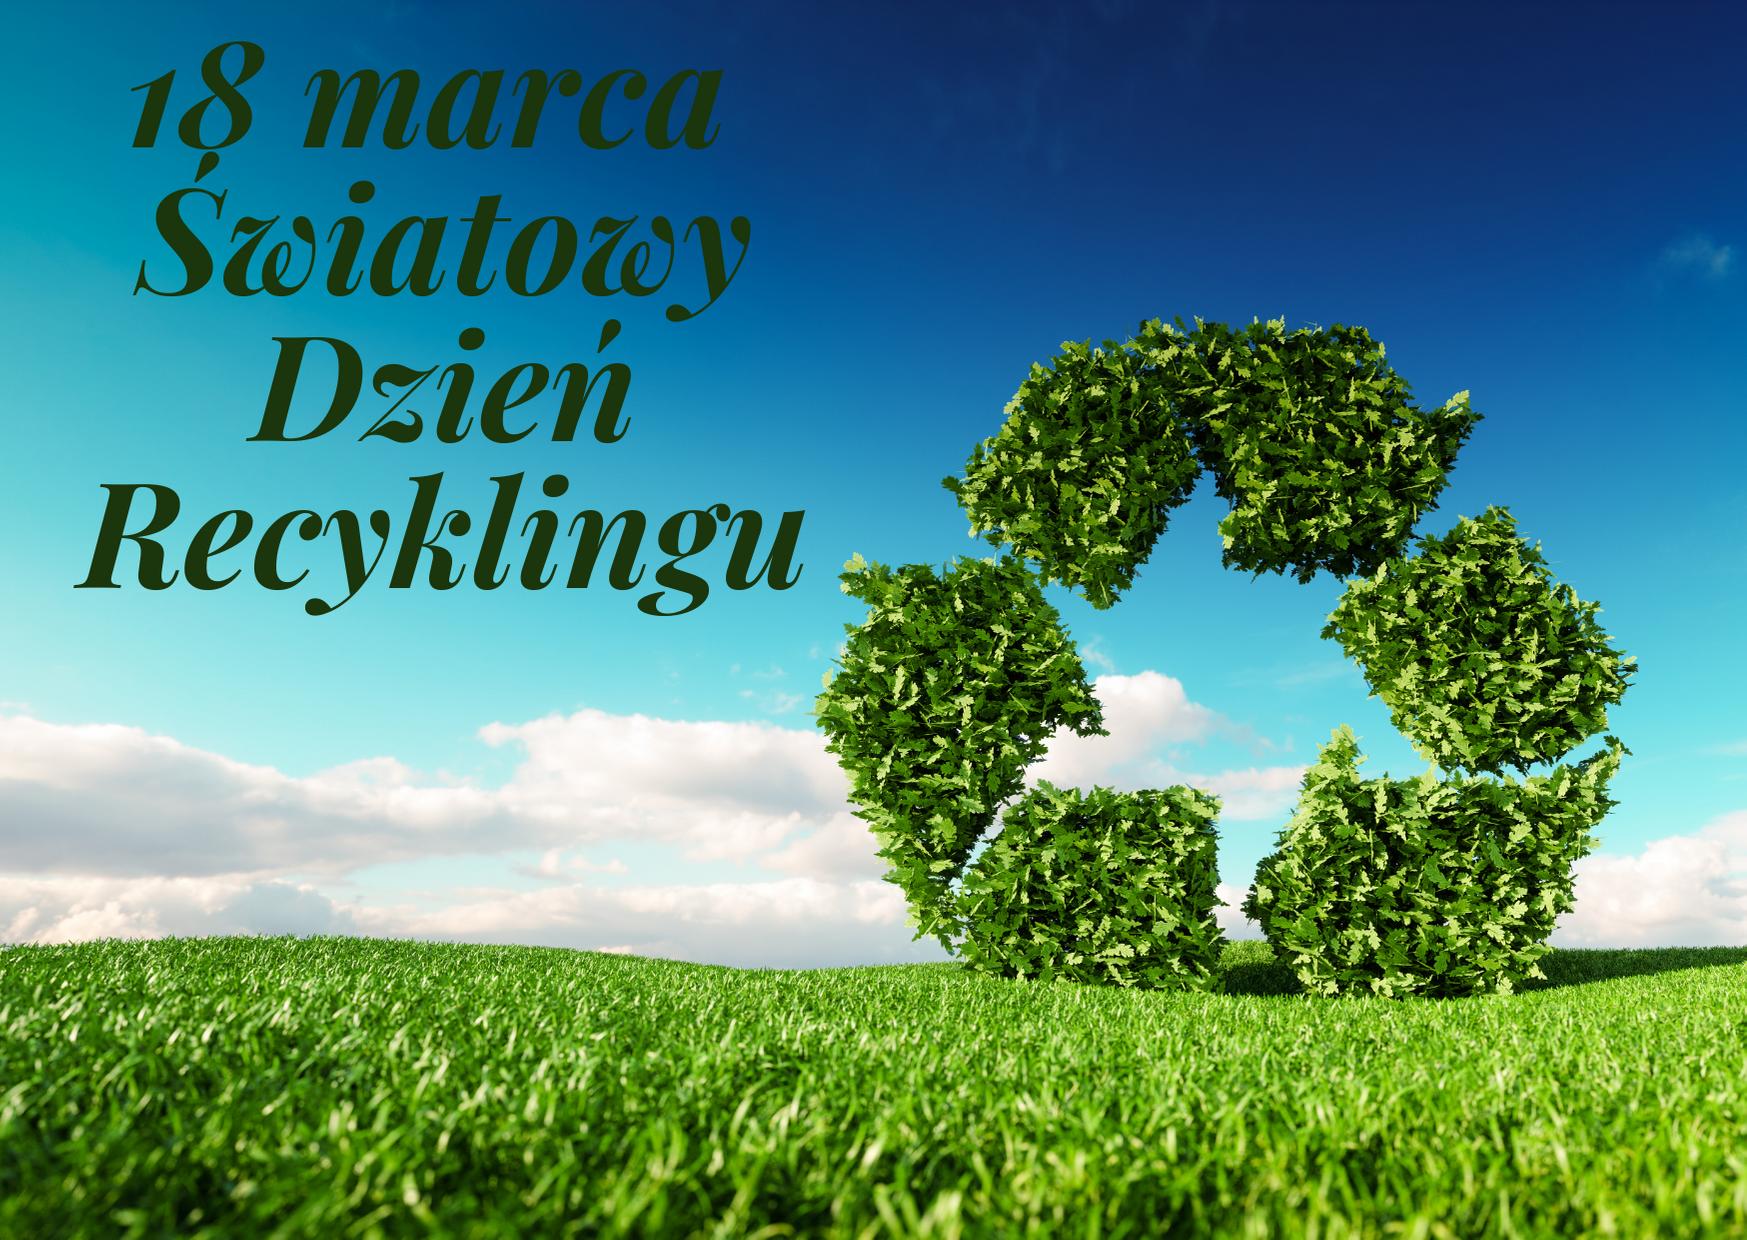 18 marca Światowy dzień recyklingu, grafika z niebem i trawą